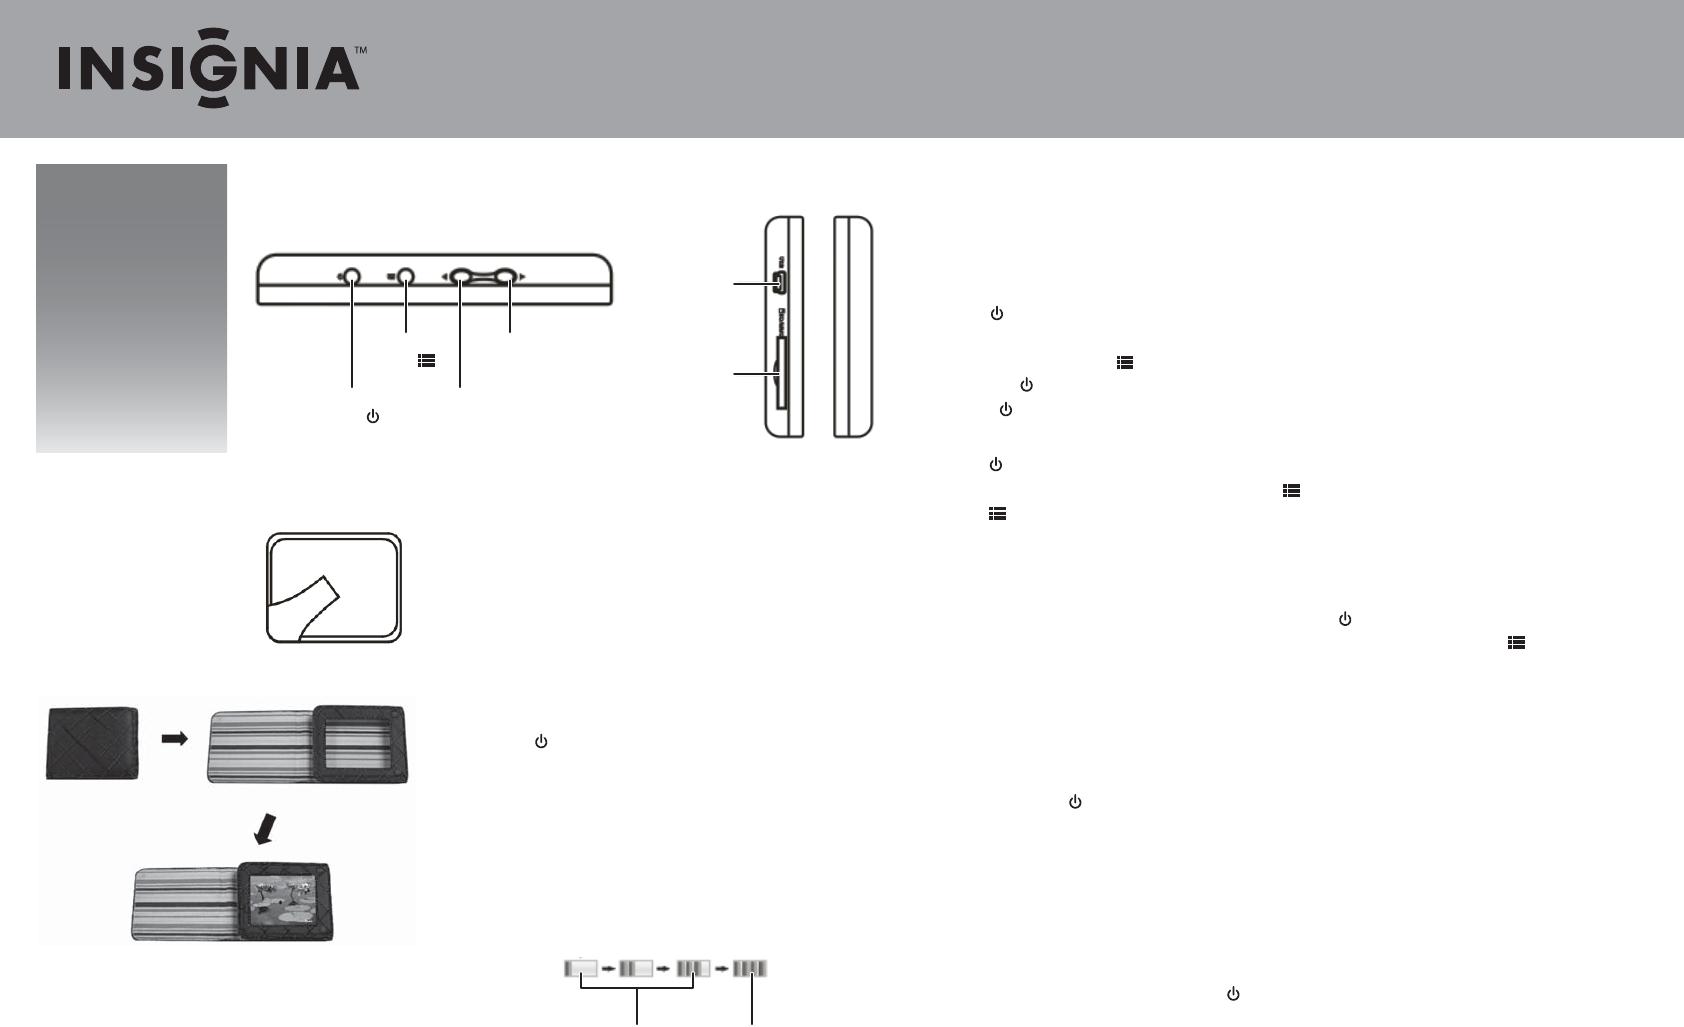 insignia digital photo frame ns dpf3g user guide manualsonline com rh camera manualsonline com Insignia TV Manuals User Manual Insignia Tablet